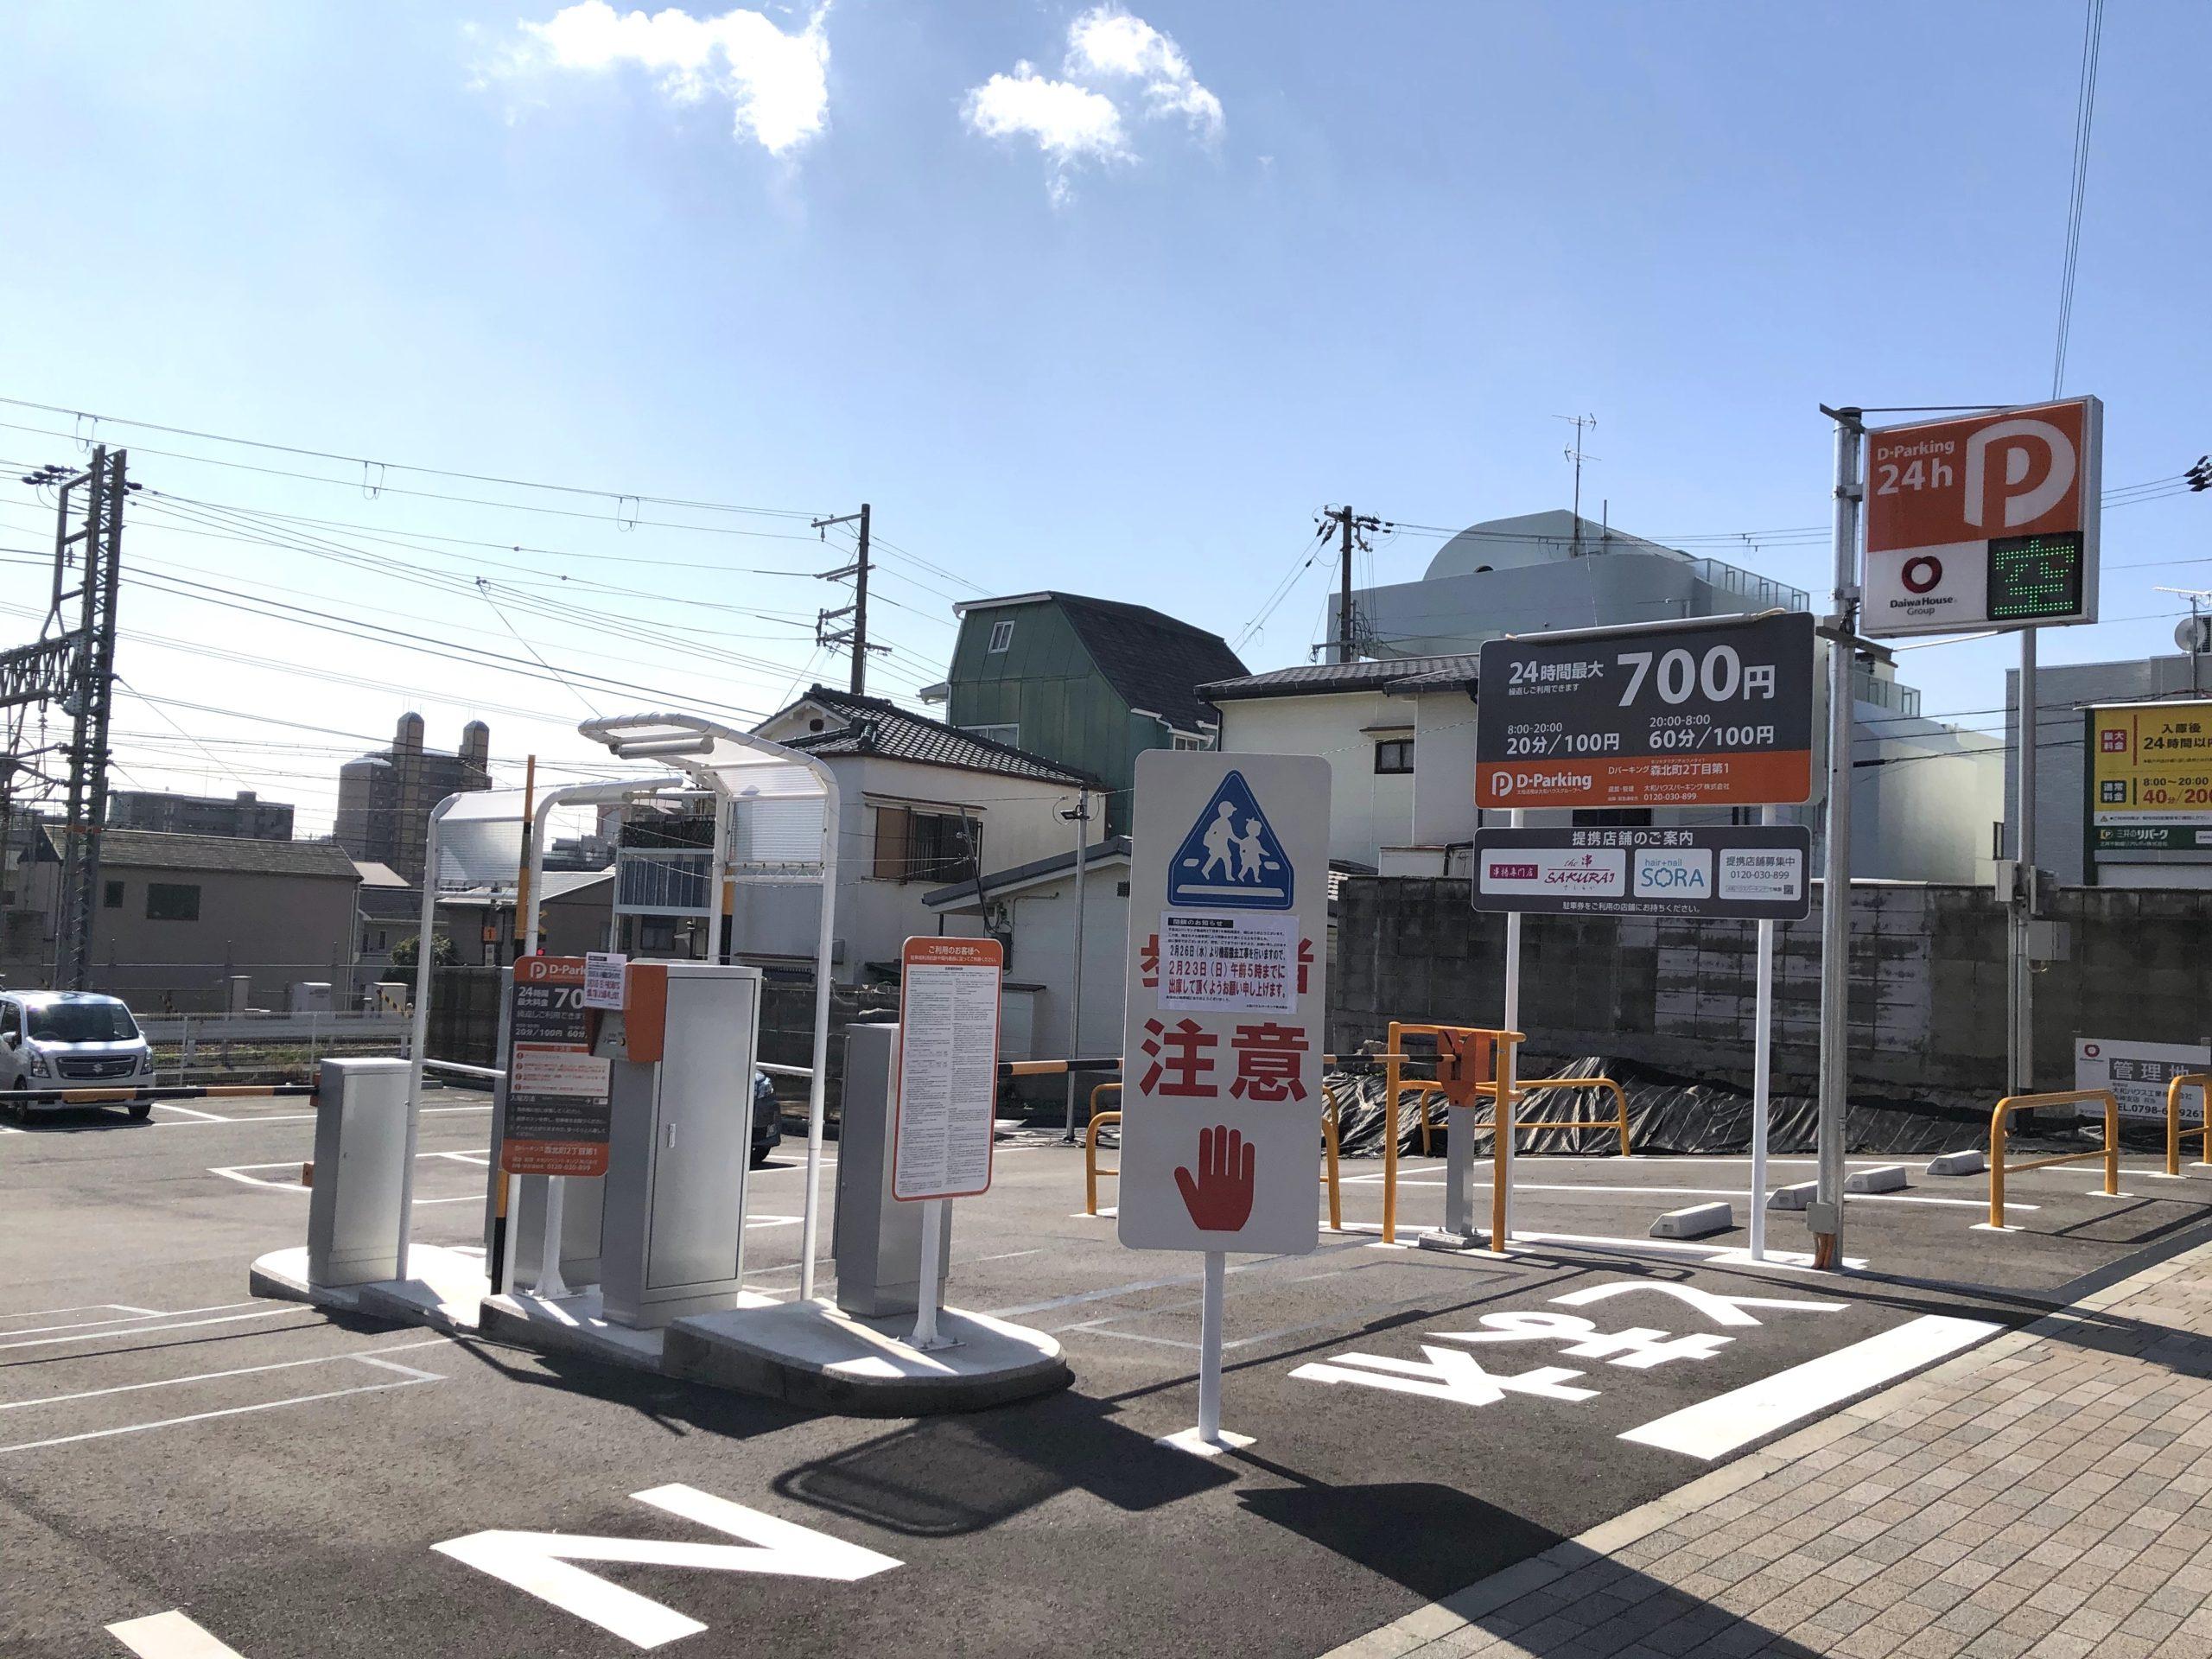 2020-02-14甲南山手駅付近の駐車場(元スシロー)が閉鎖01